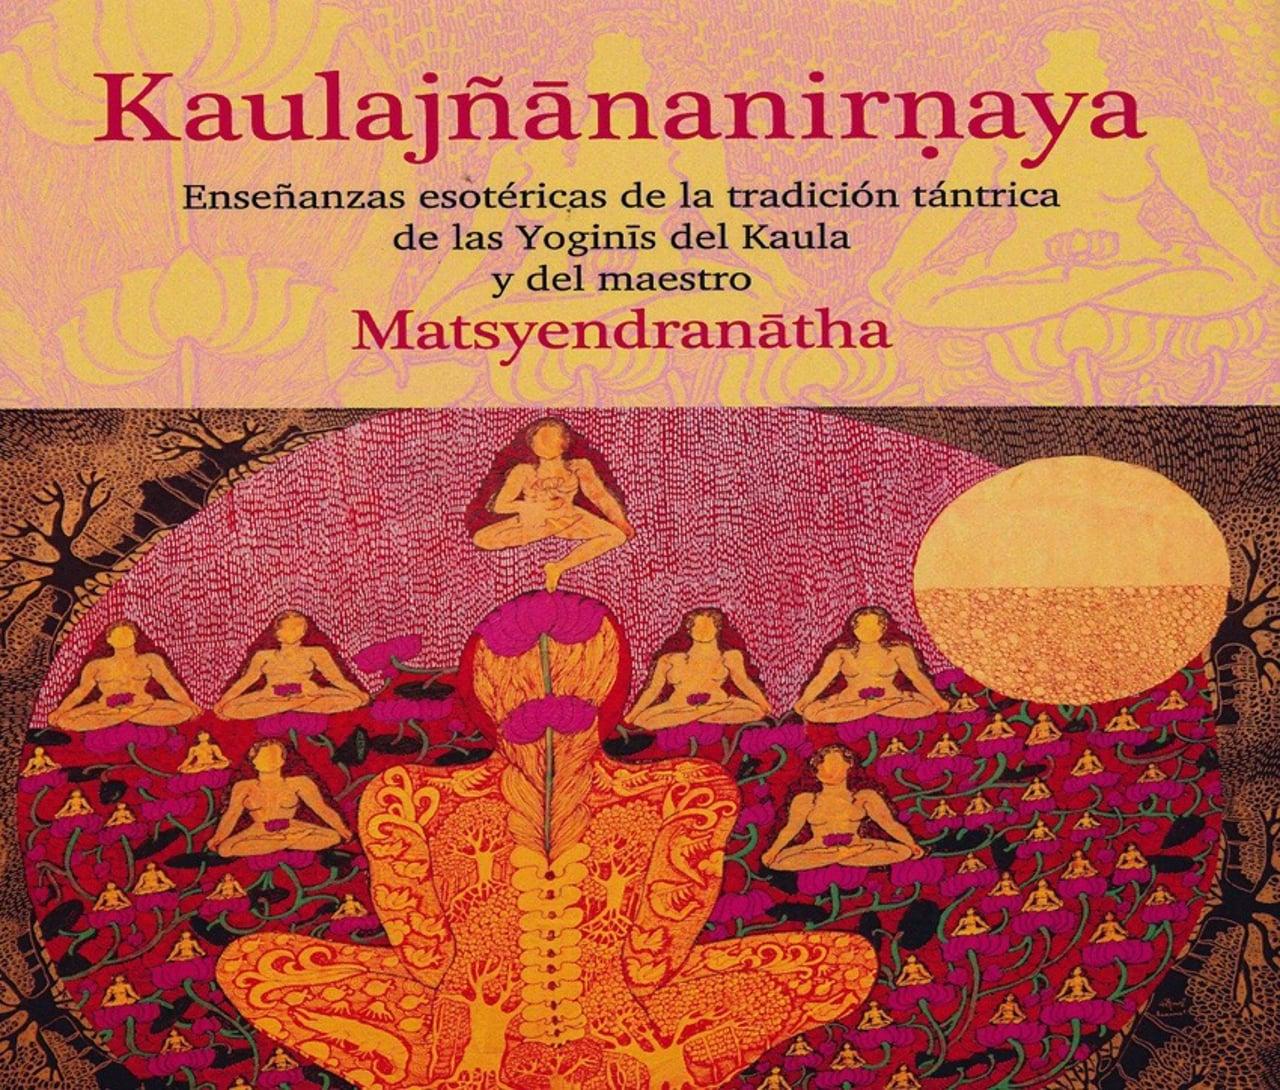 Kaulajñananirnaya en Español en Colombia